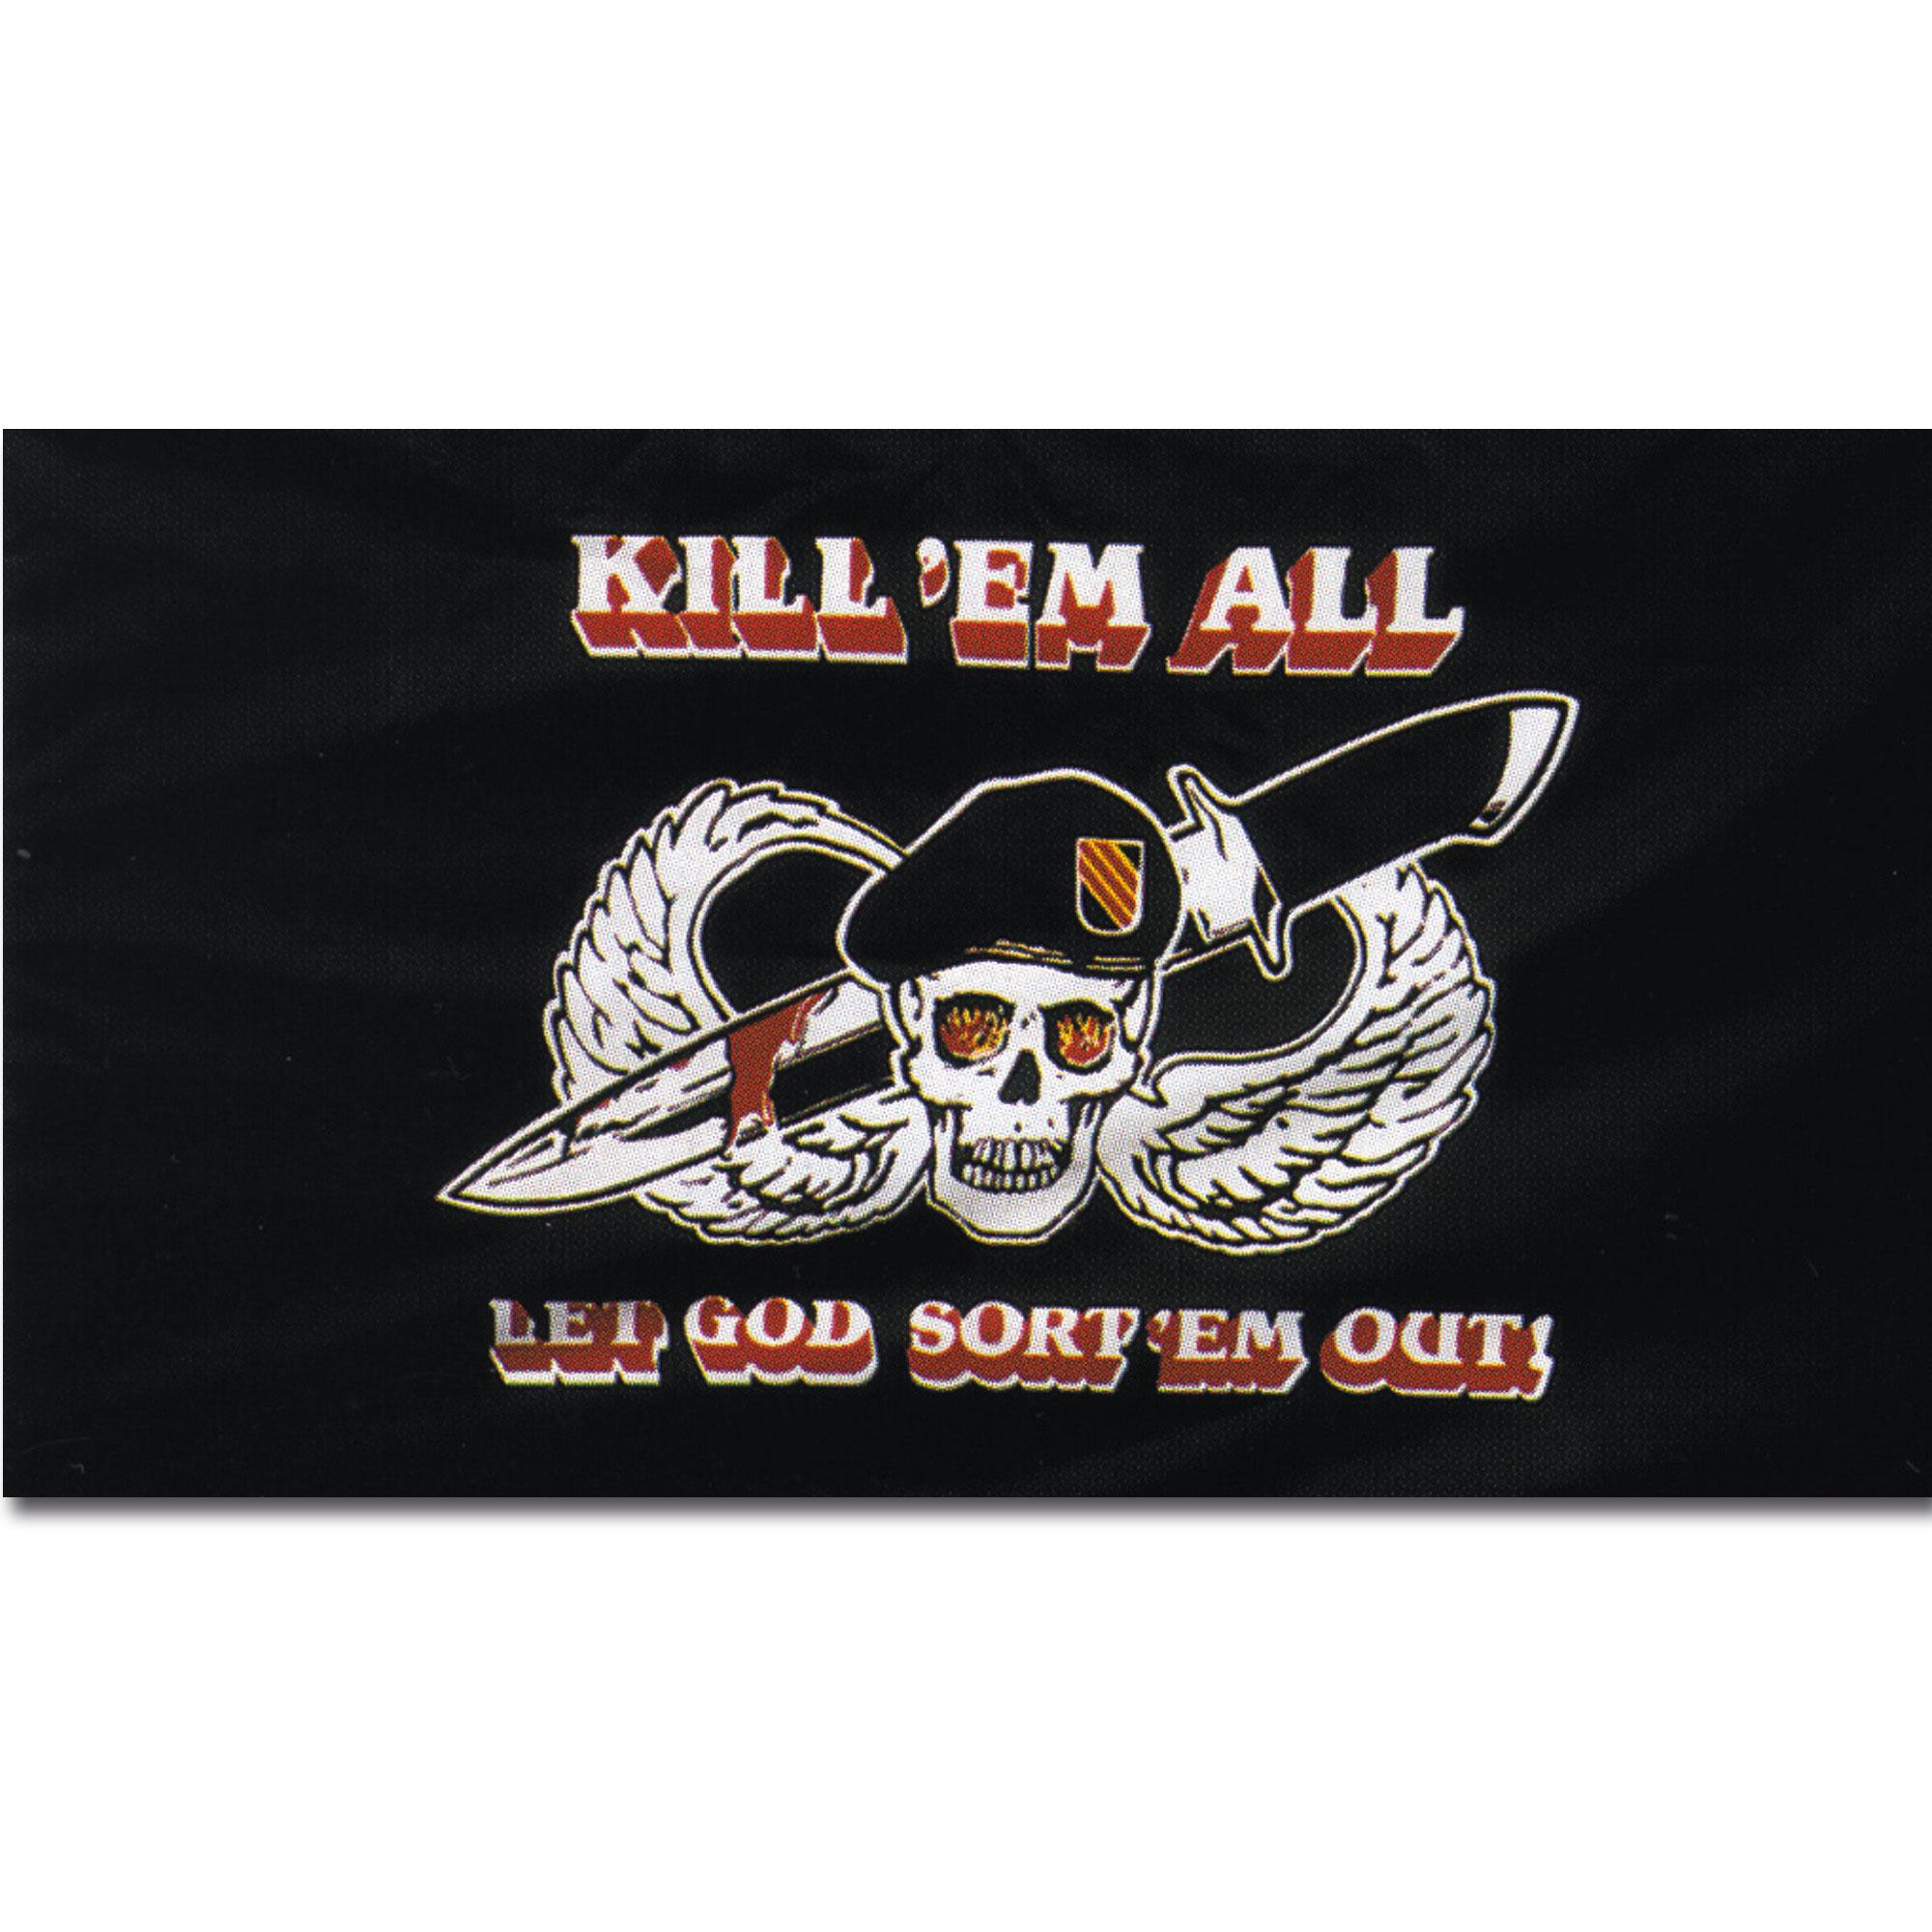 Flagge Kill 'em all